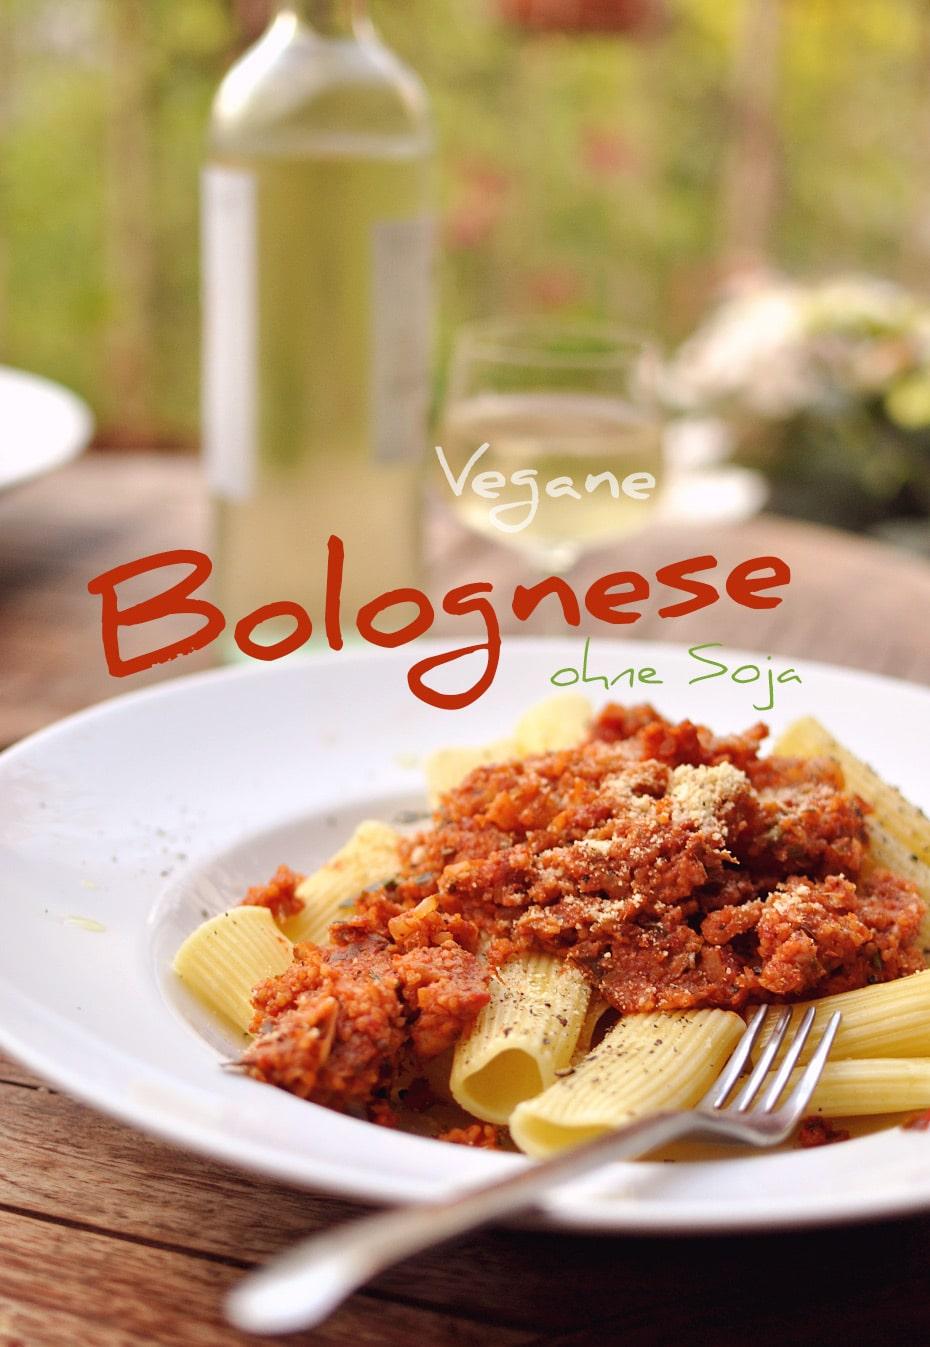 Vegane Bolognese ohne Soja über Pasta   Schwatz Katz